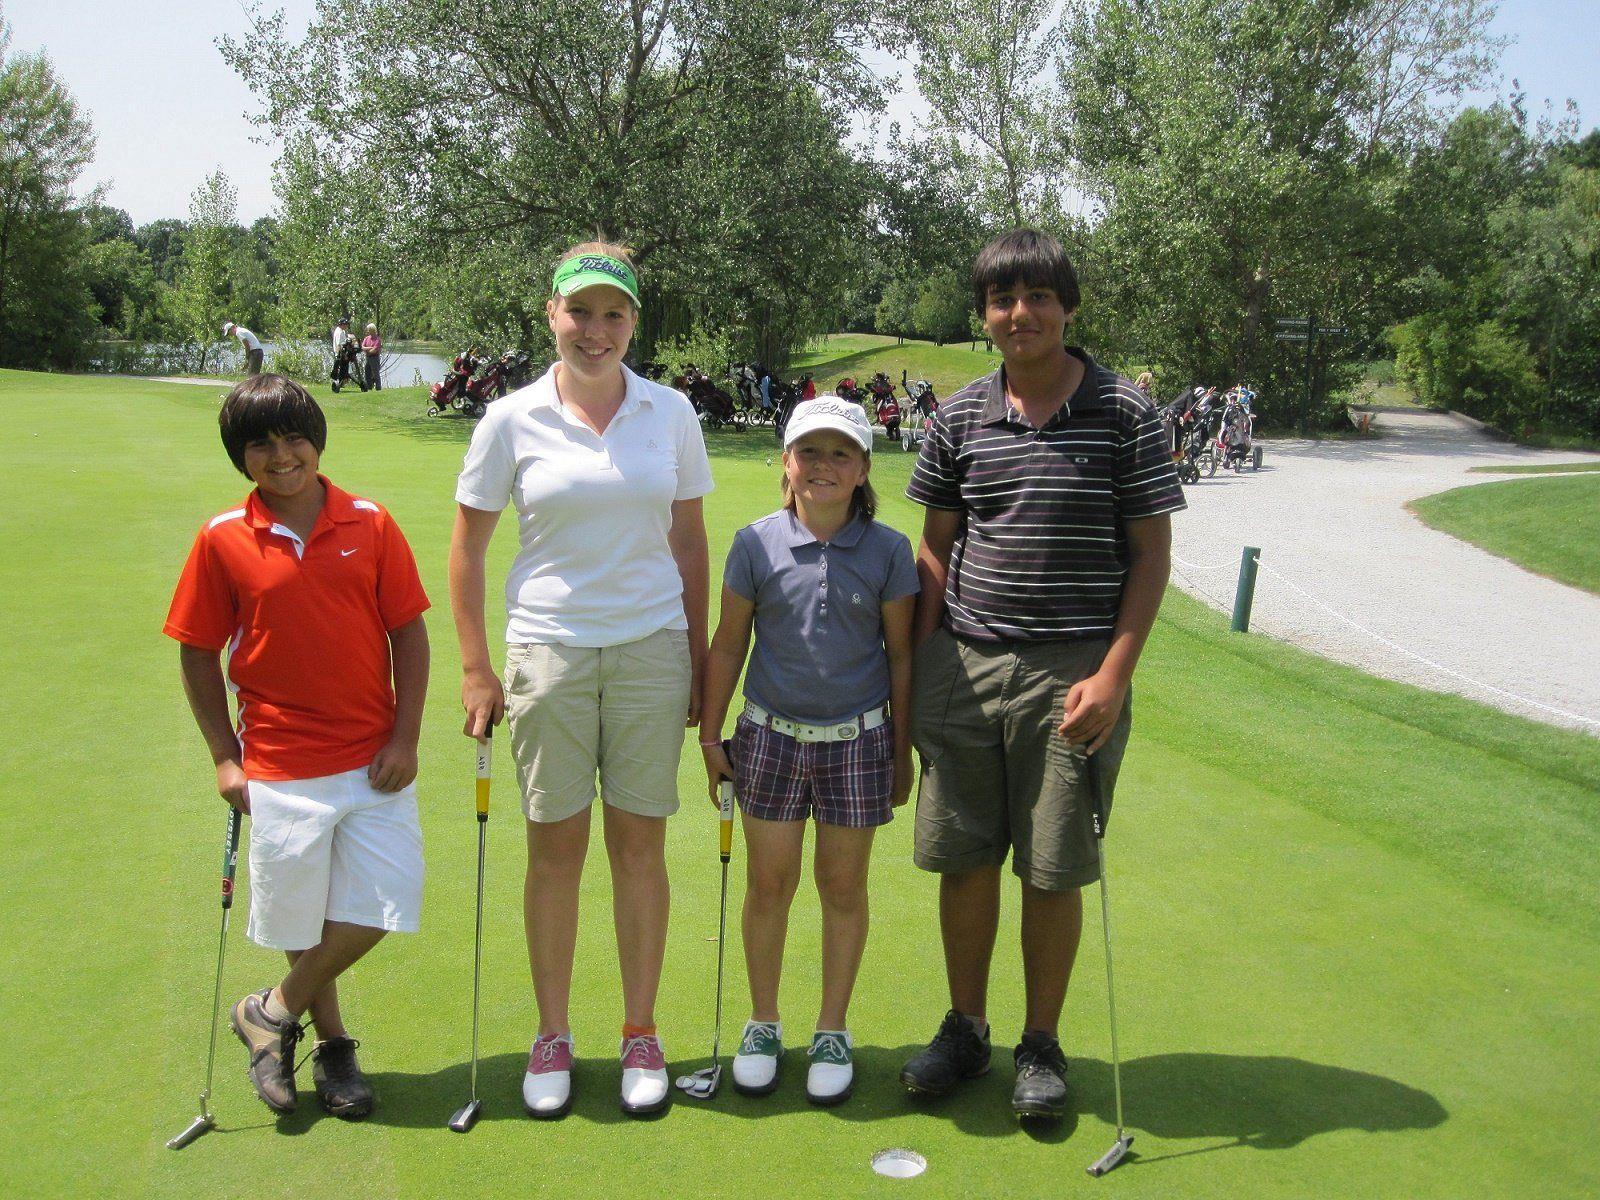 Der Golfplatz in Tschagguns ist die Wiege dieser Sportart, sehr erfolgreiche Nachwuchsarbeit im Montafon.